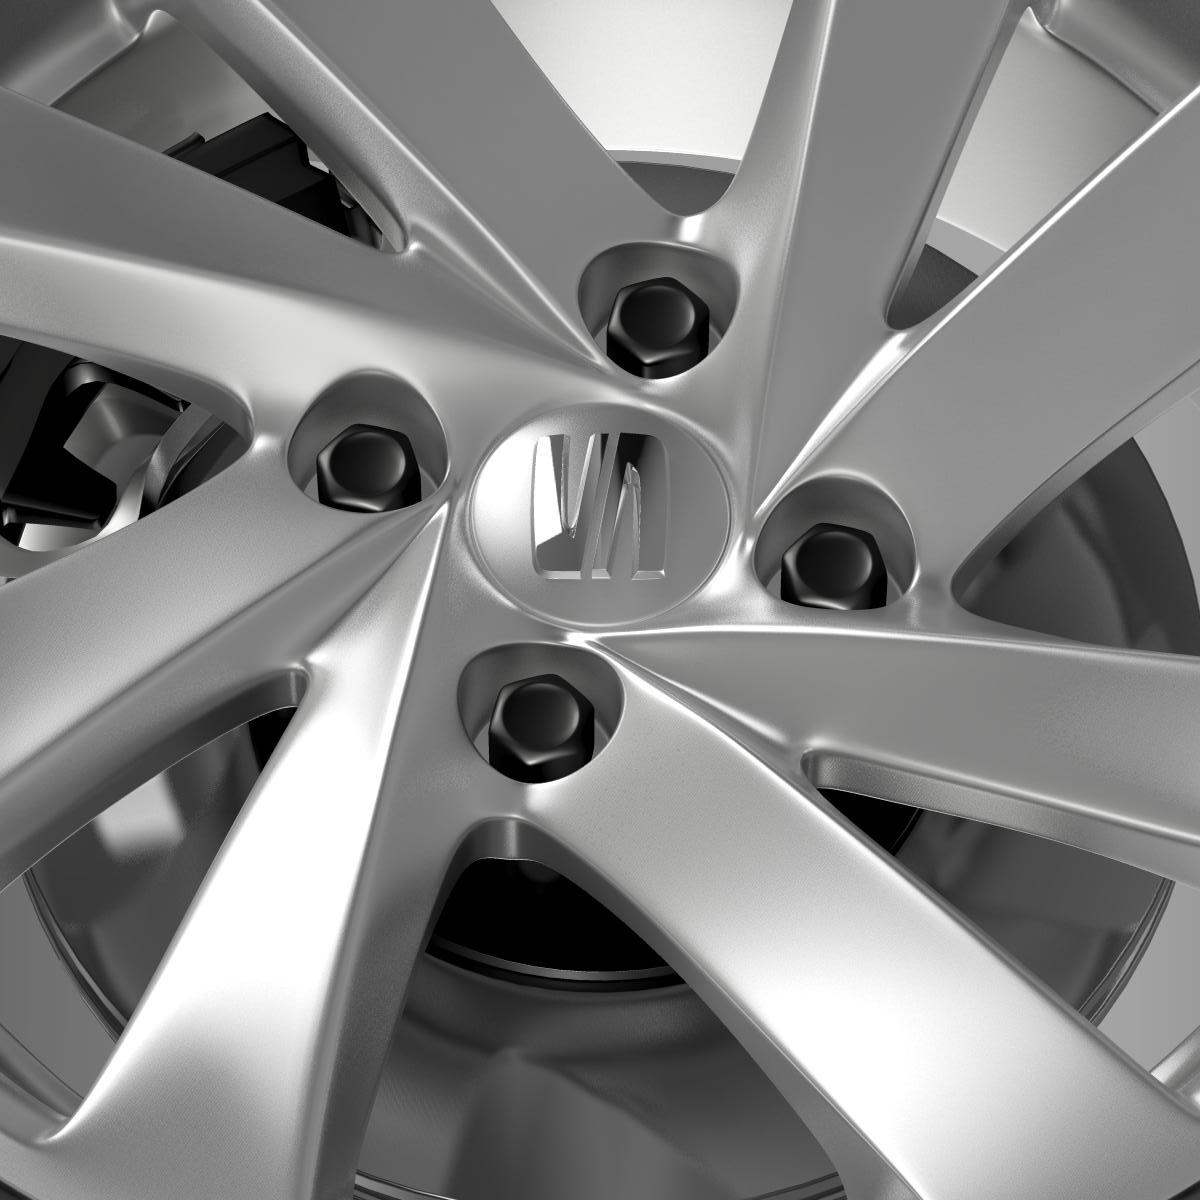 seat mii wheel 3d model 3ds max fbx c4d lwo ma mb hrc xsi obj 210861